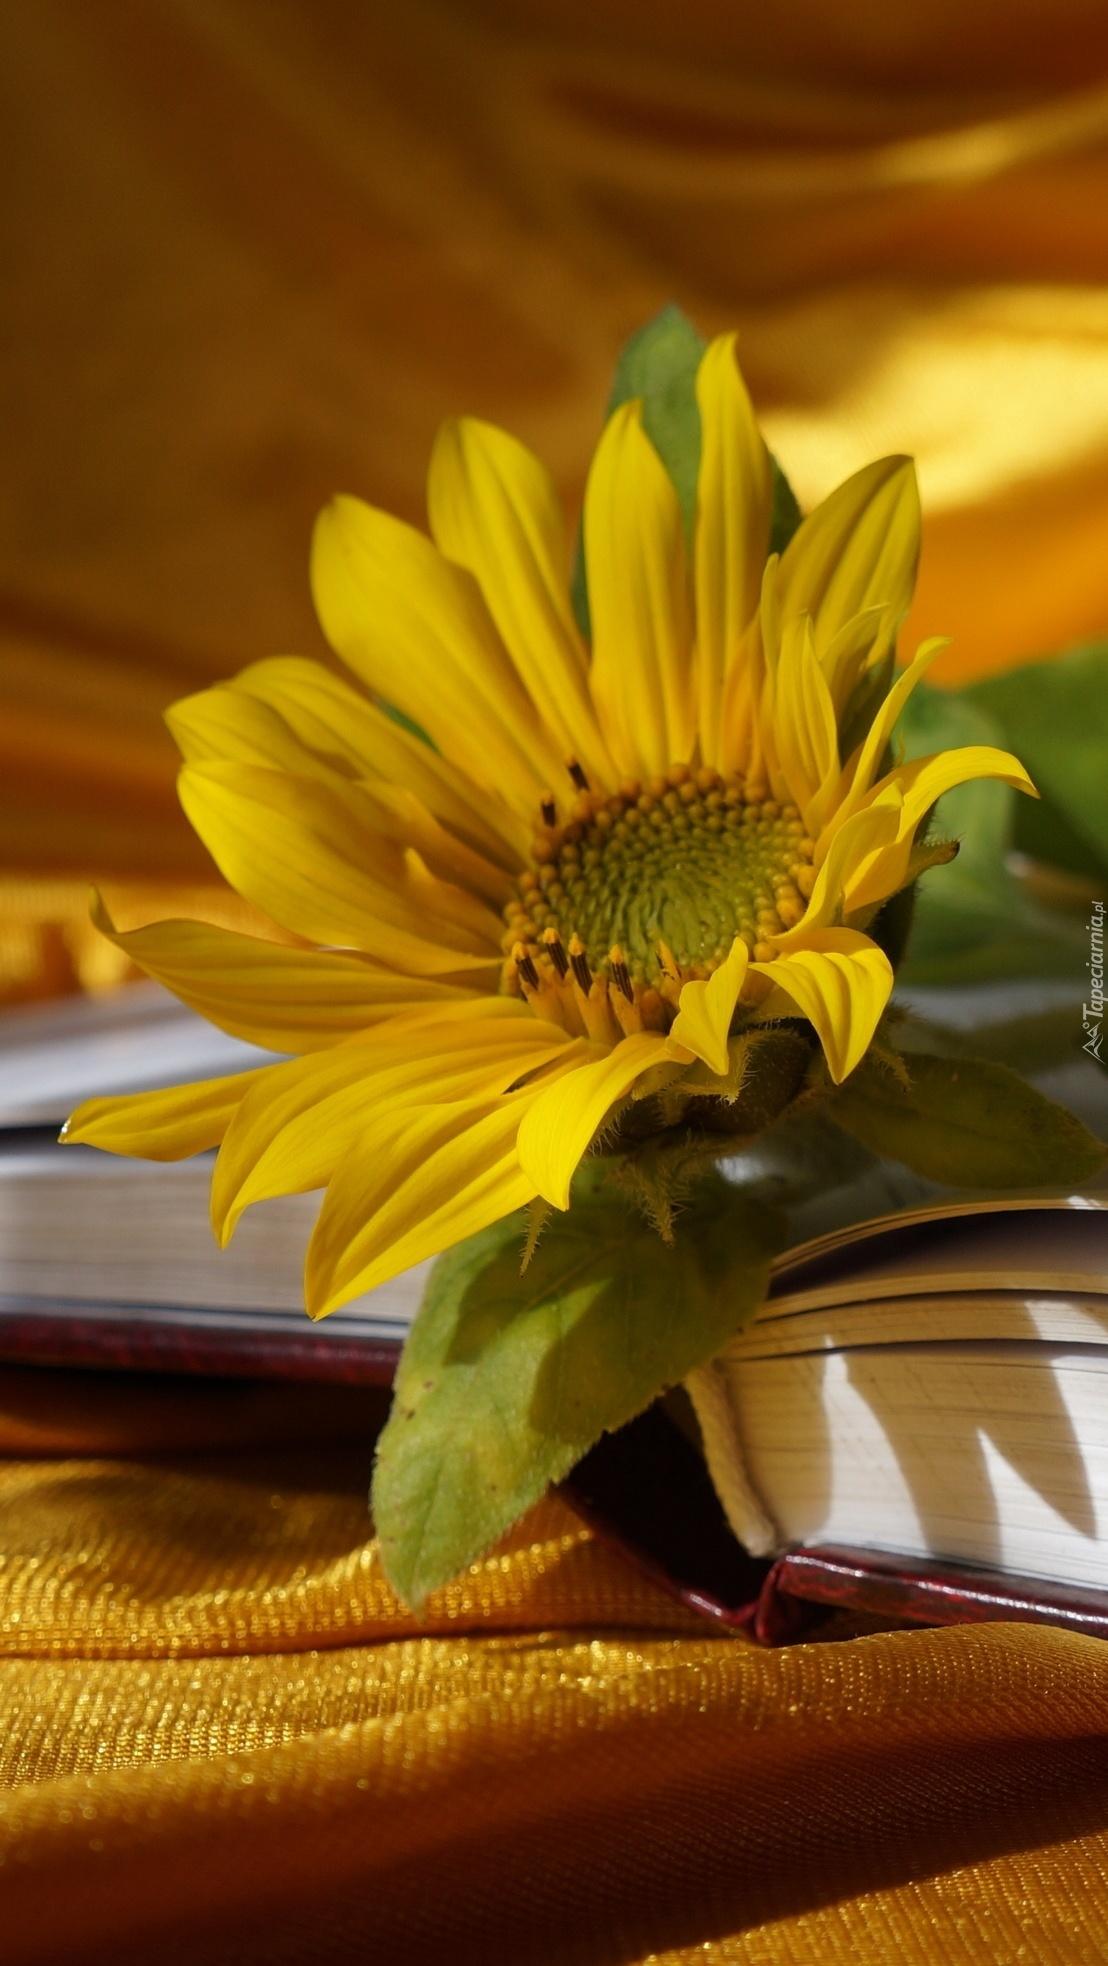 Słonecznik na książce